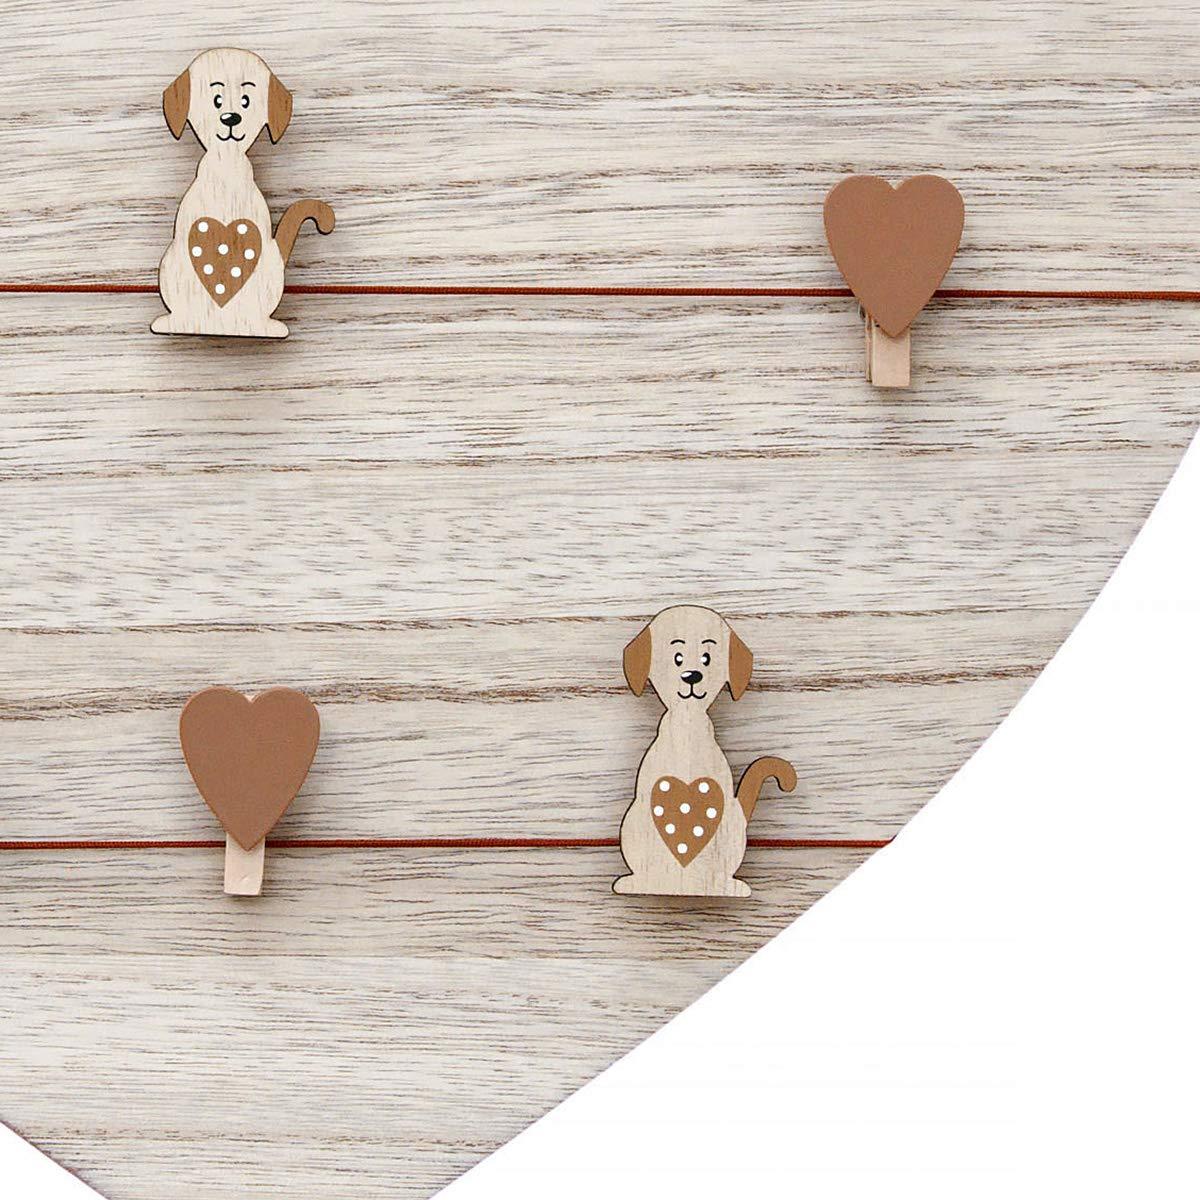 naturelle marron tableau /à message Cadre photo p/êle-m/êle murale forme c/œur en bois pour les amoureux des animaux et chiens tableau /à m/émo 39 x 39 cm avec 5 chien et 5 coeur clips